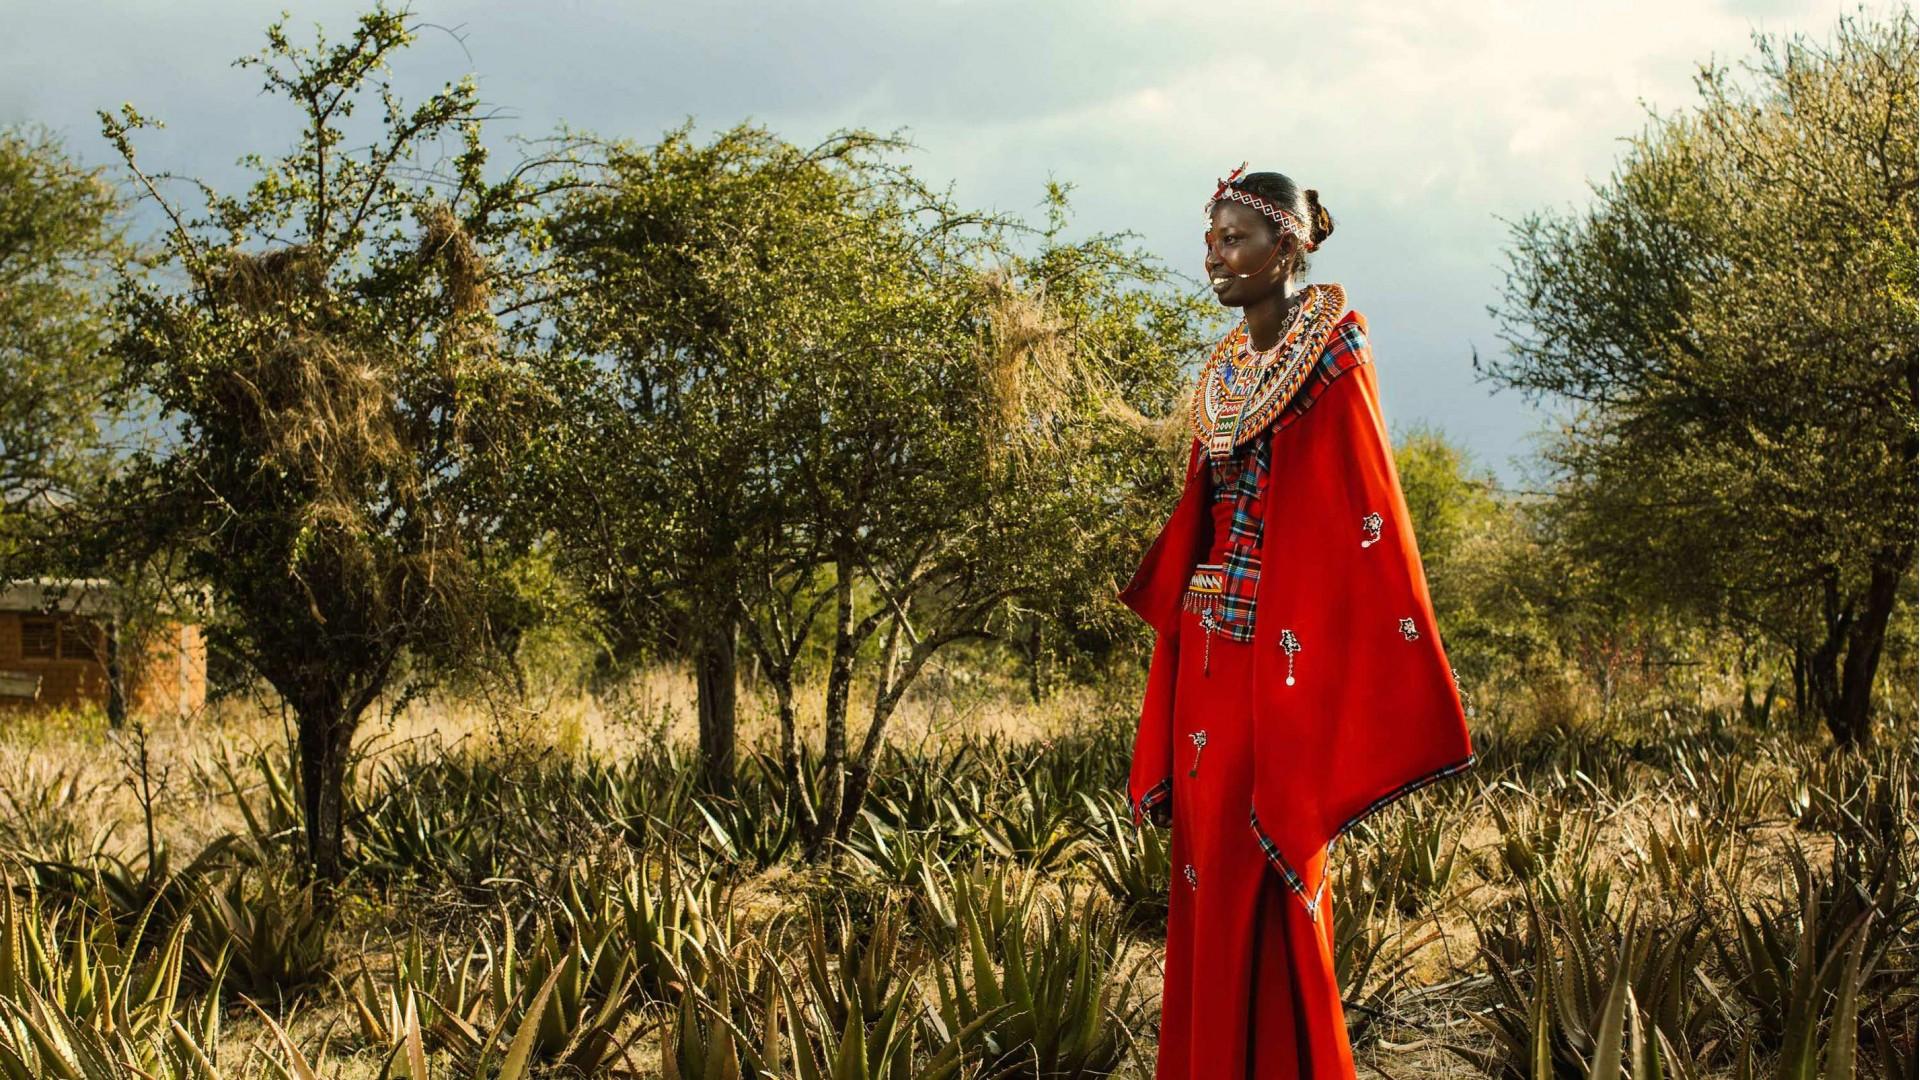 Priča o aloi: kako žene plemena Maasai osnažuju devojke